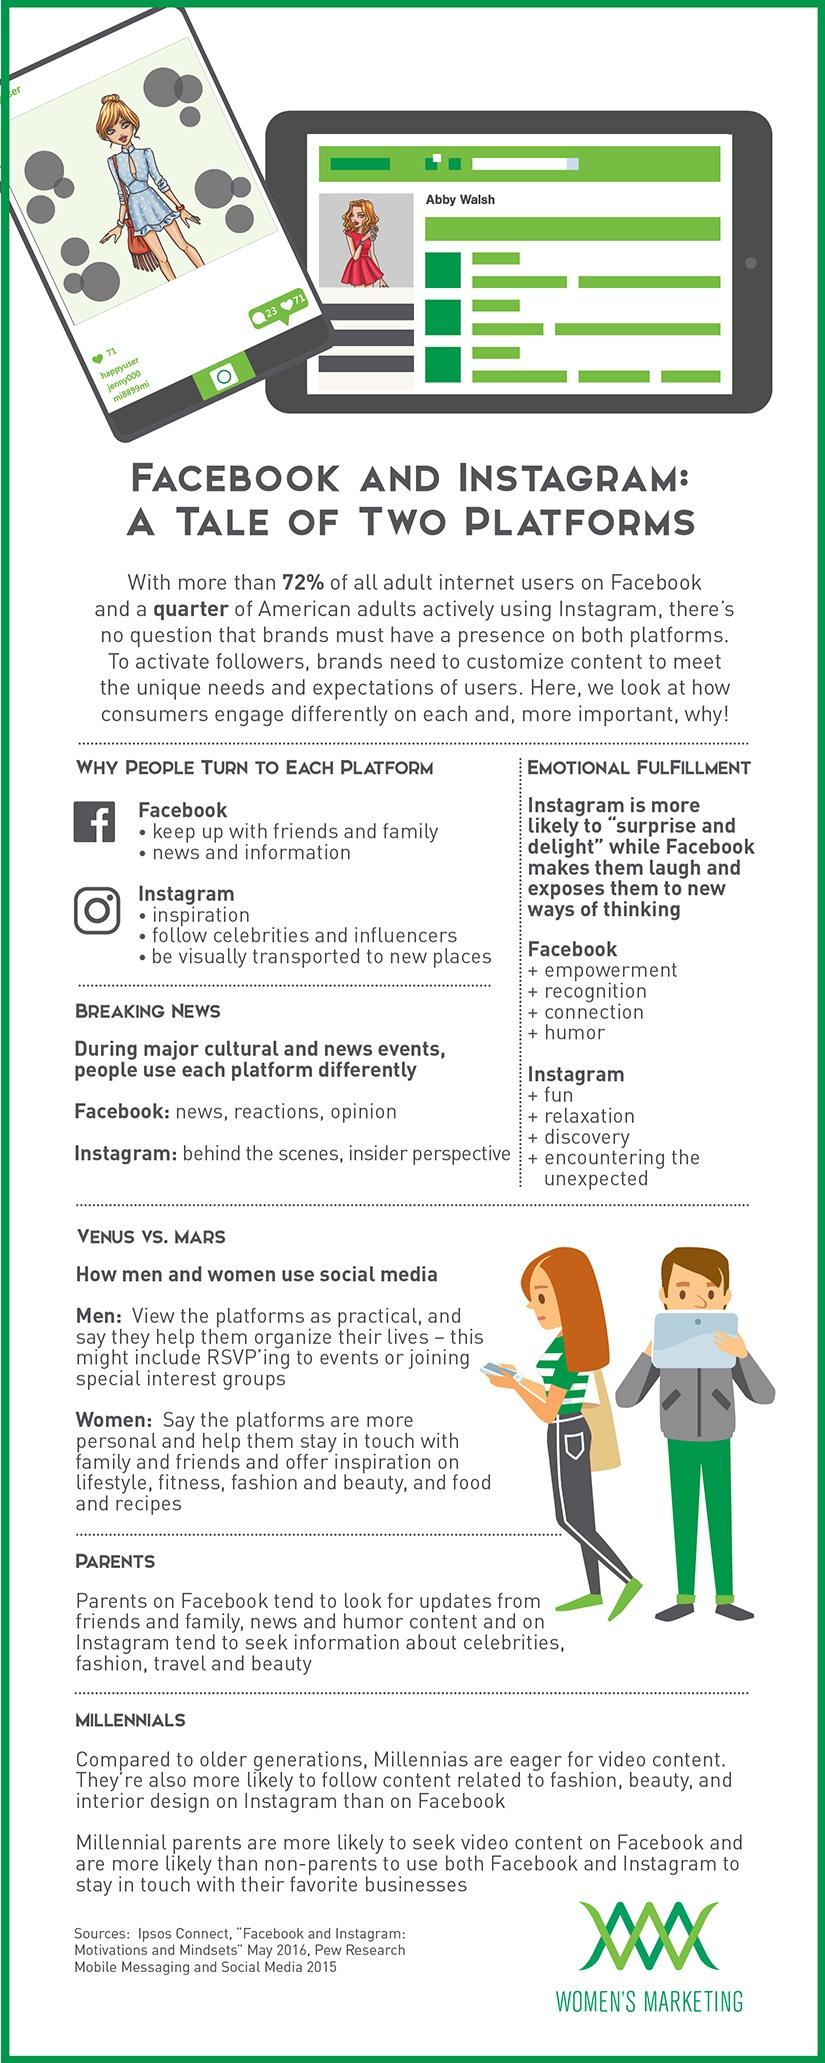 FacebookInstagram_Infographic.jpg